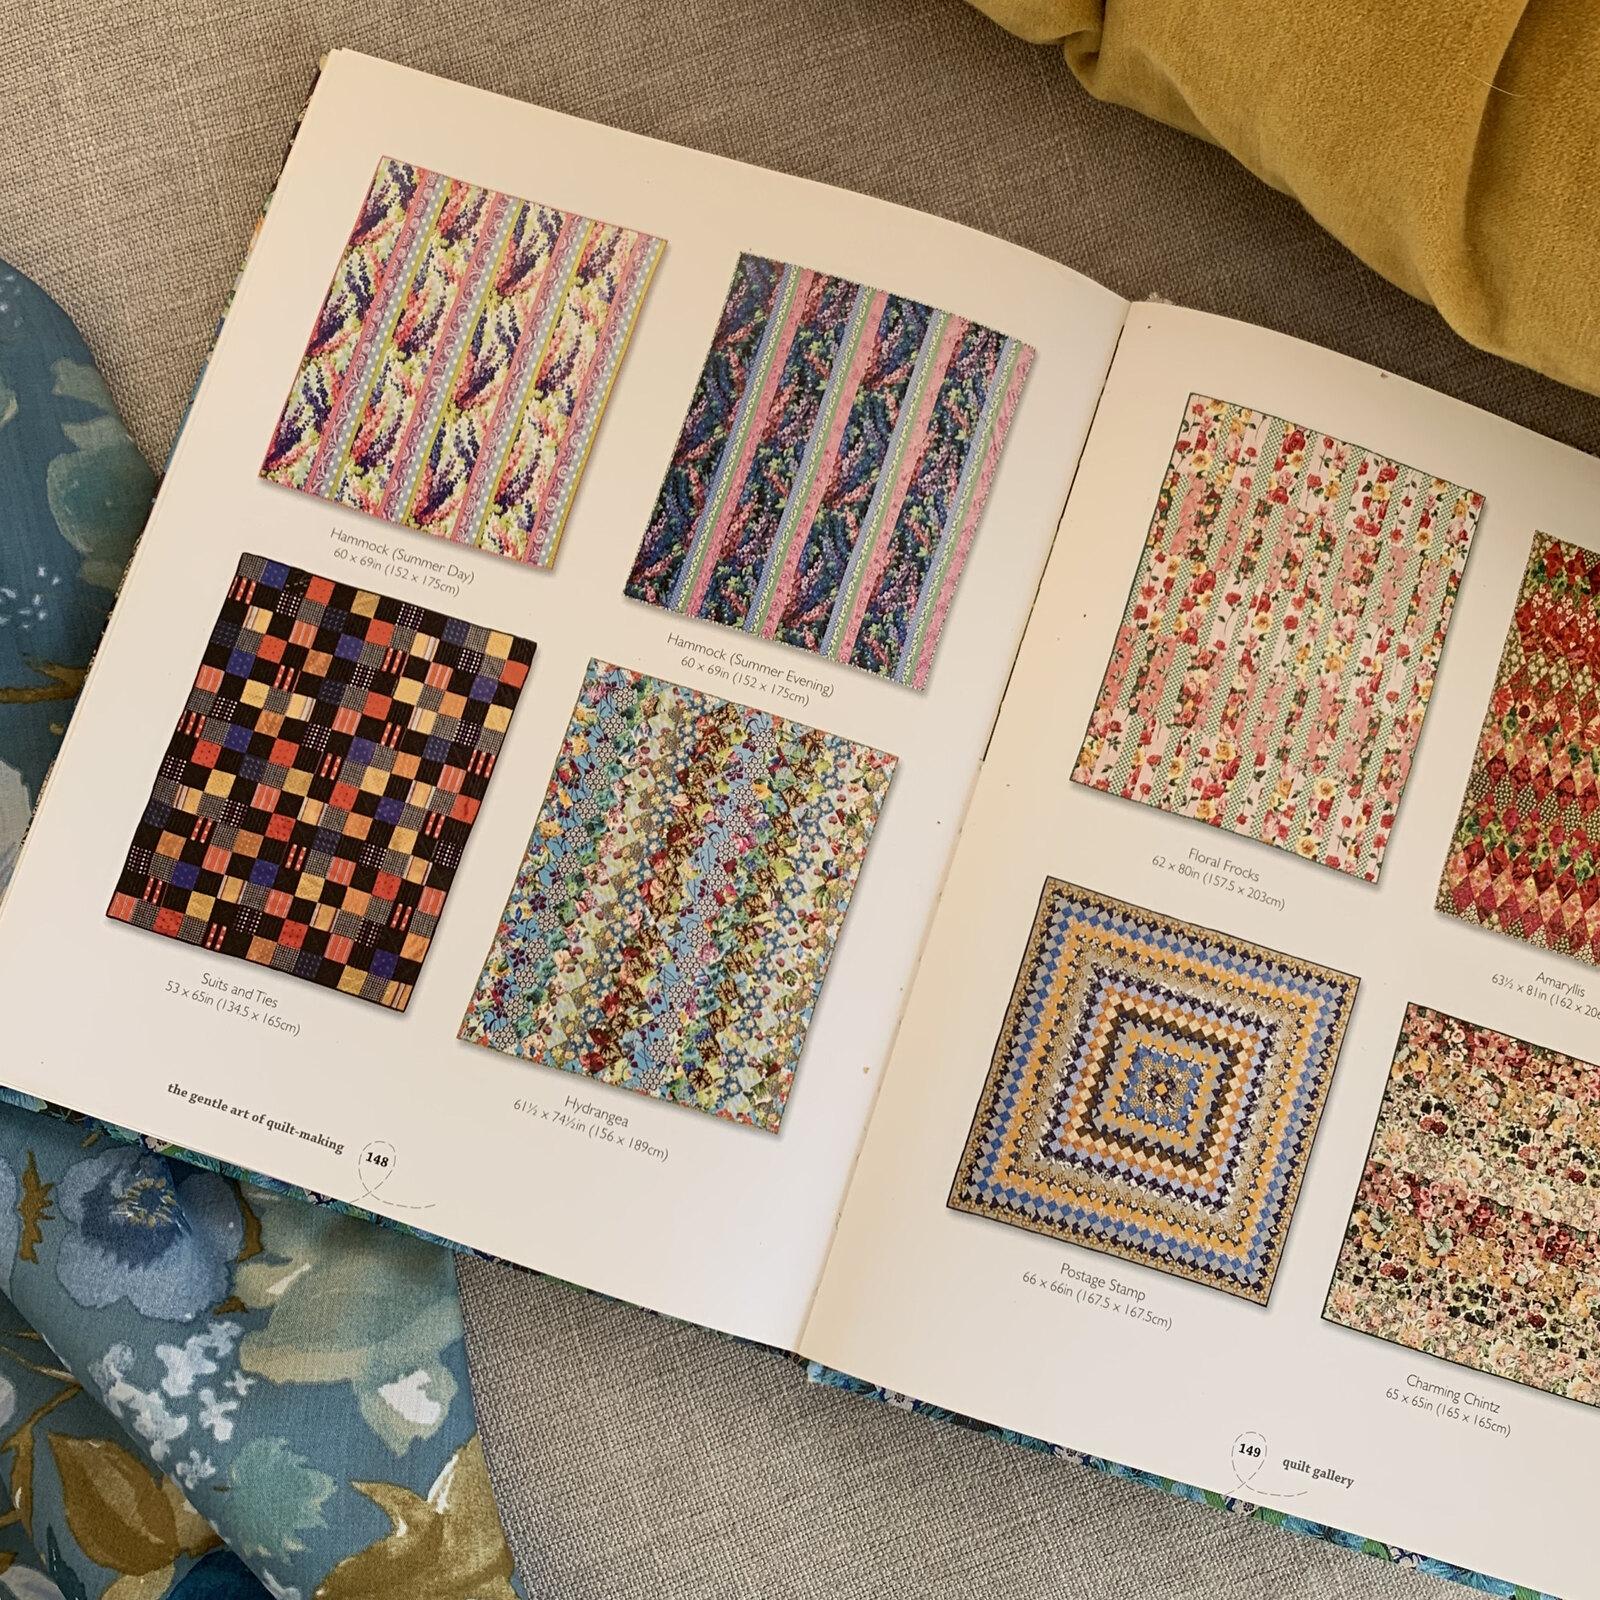 Jane Brocket's Gentle Art of Quilt-Making book